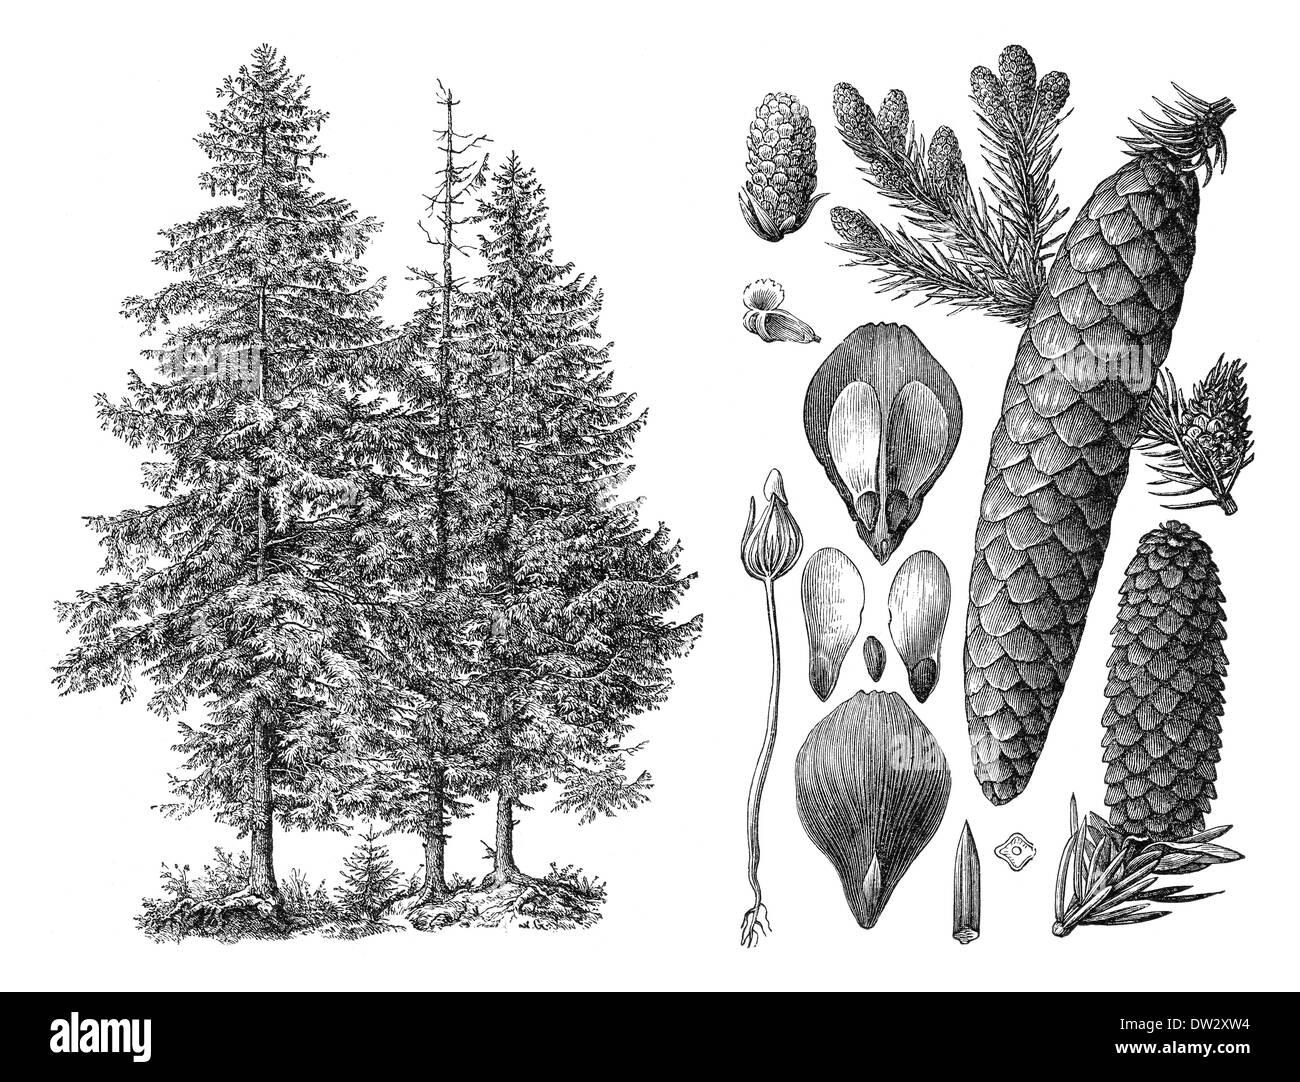 Historical illustration, Norway spruce (Picea abies), European spruce, historische Zeichnung, Gemeine Fichte (Picea abies) - Stock Image